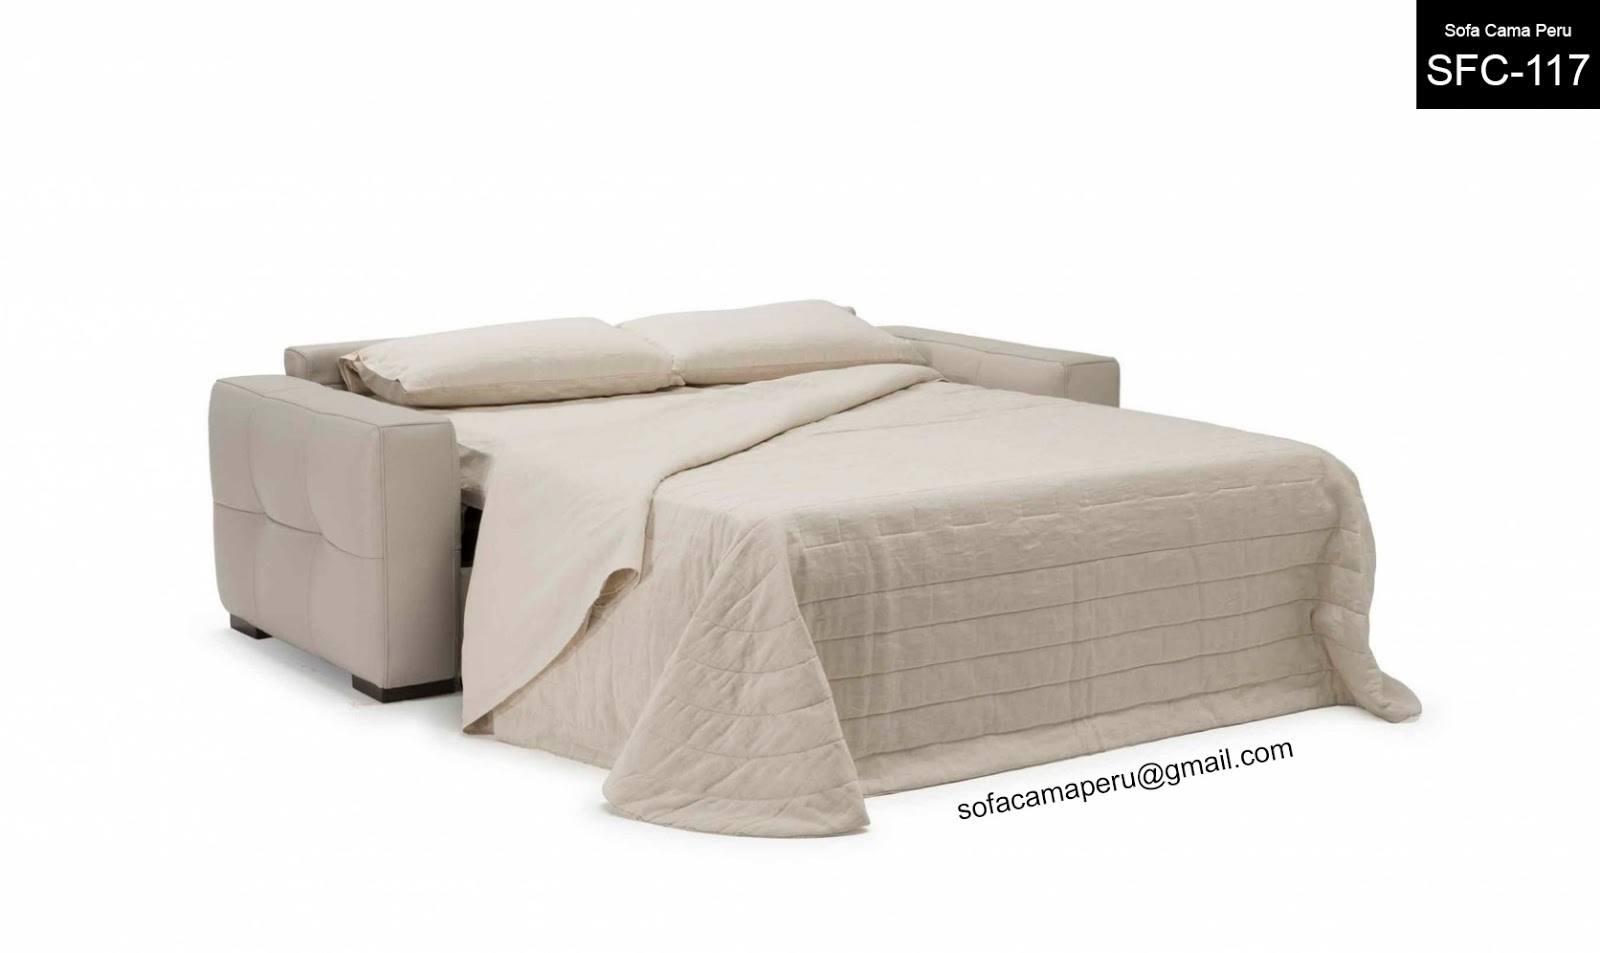 sofa sfc overstuffed couches sofas cama peru